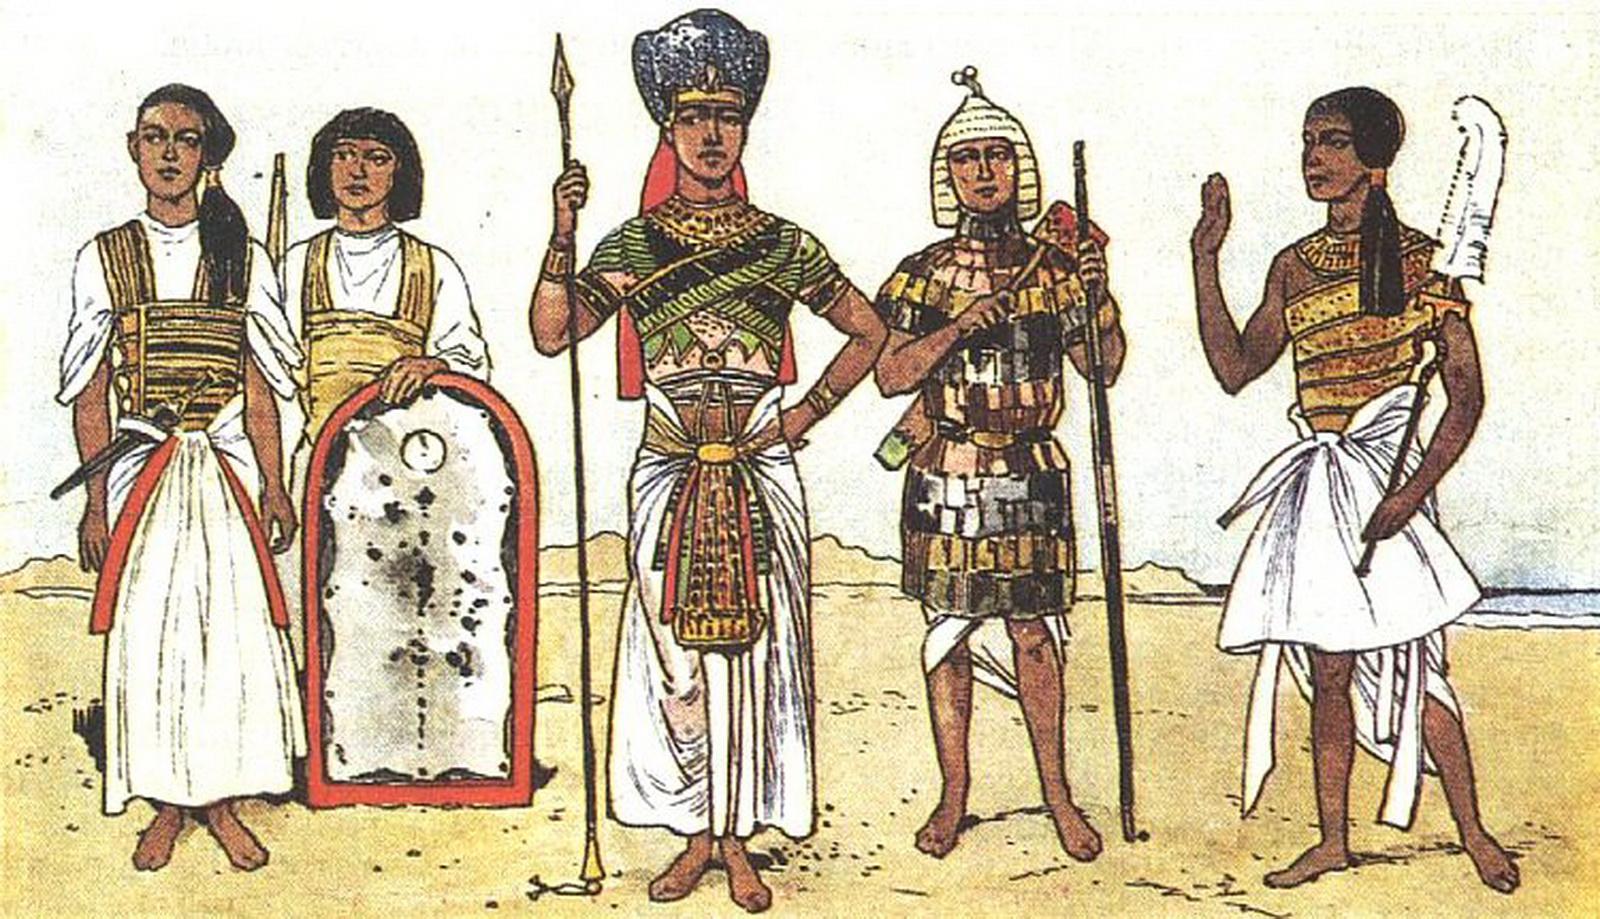 служба вельможи в древнем египте картинки коричневое